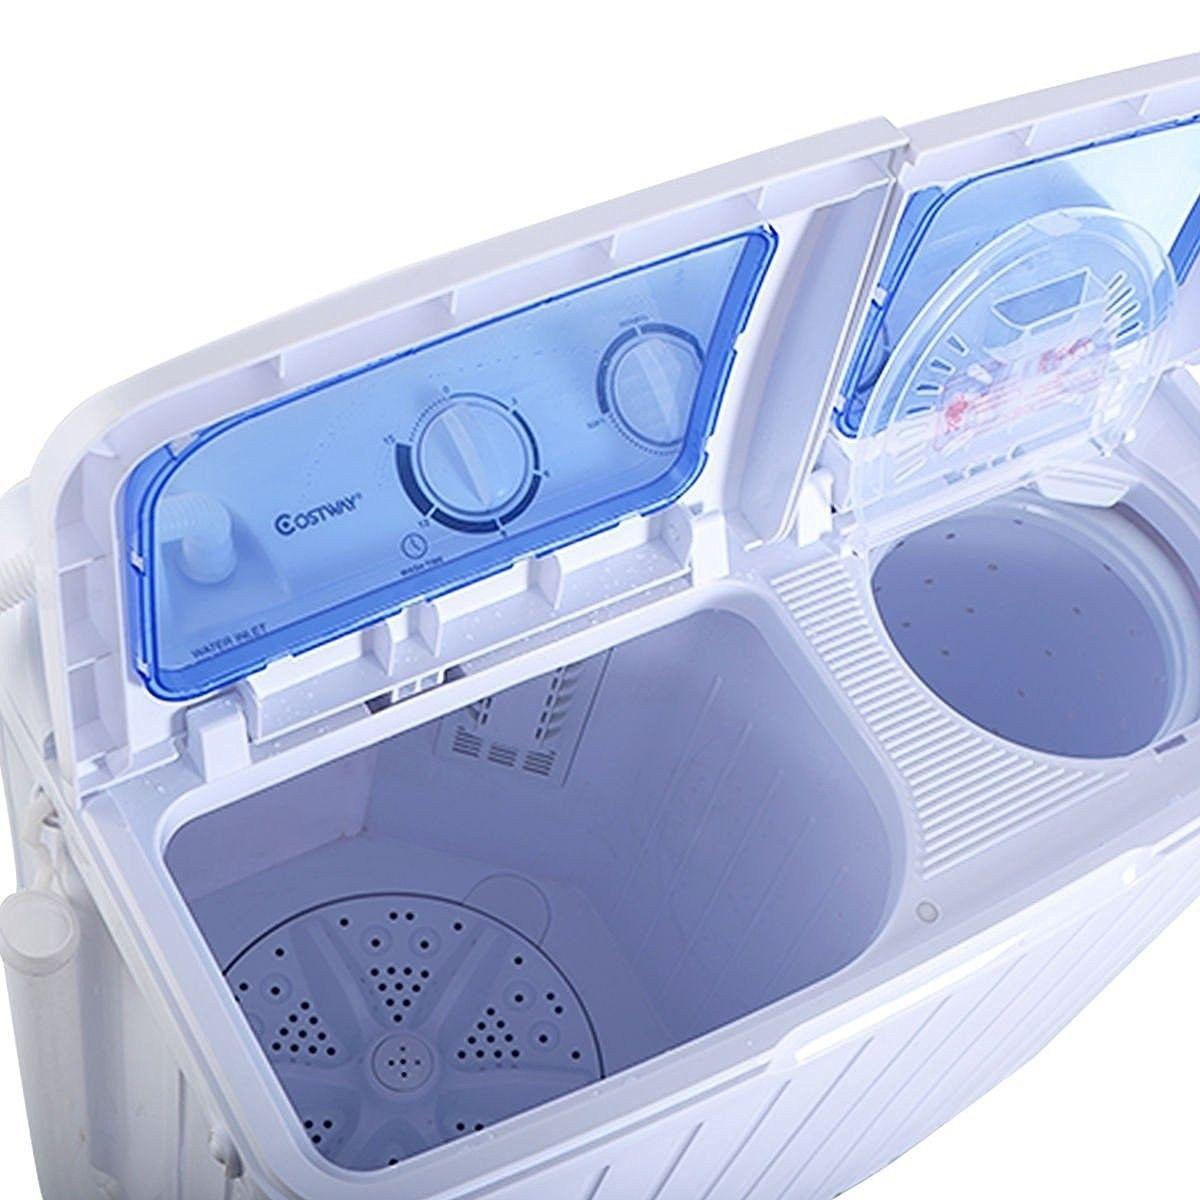 28 Amazing Items To Make Doing Laundry Easier | Laundry, Washing ...